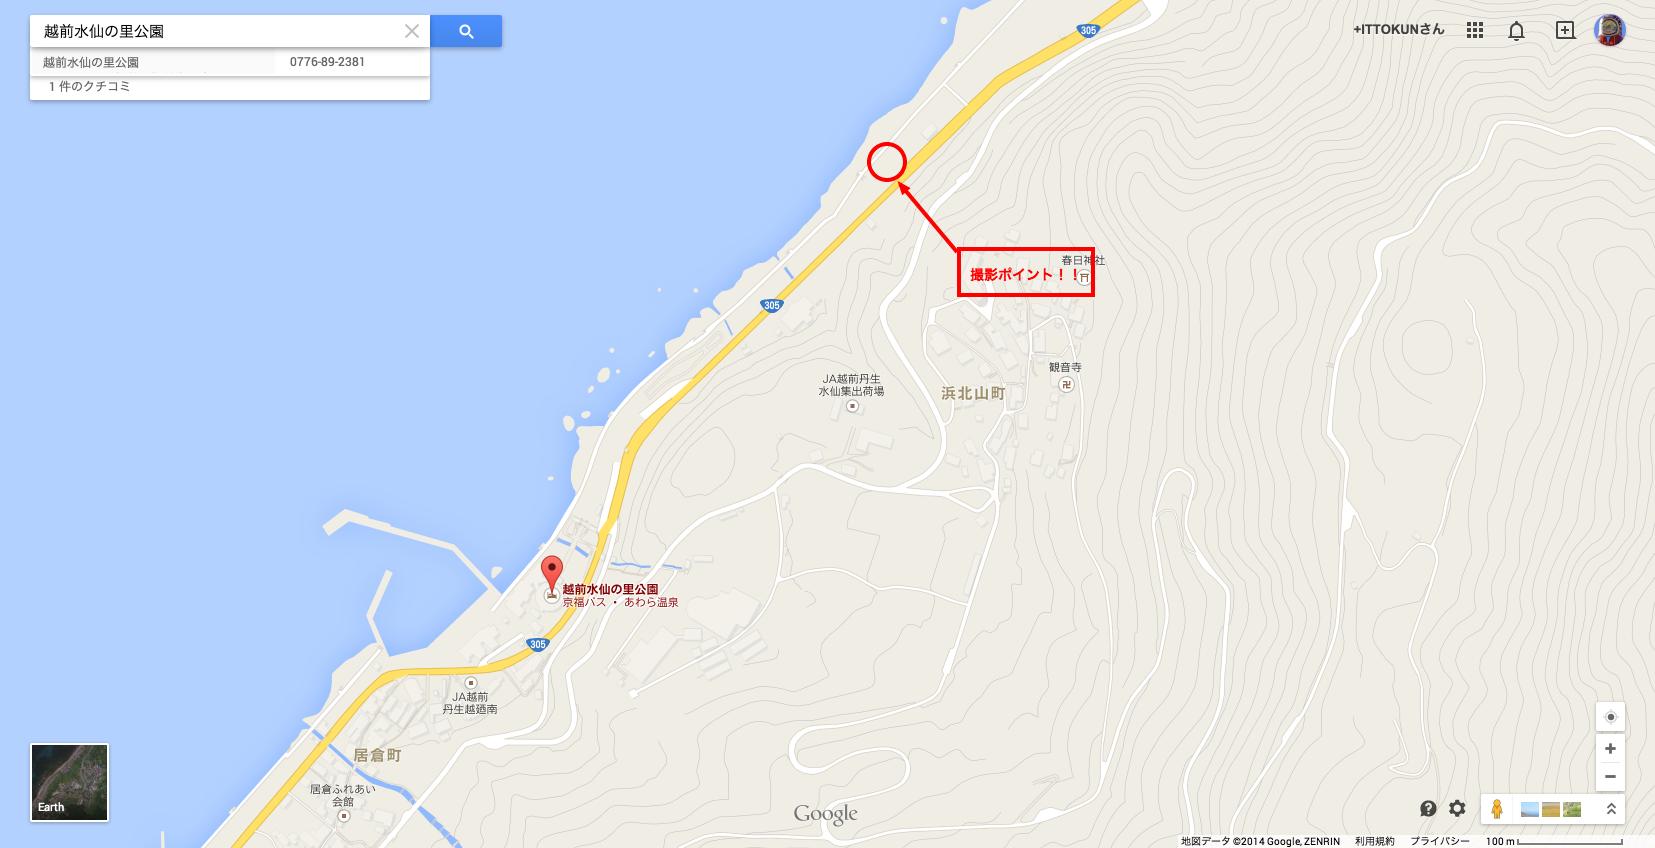 越前水仙の里公園 Google マップ